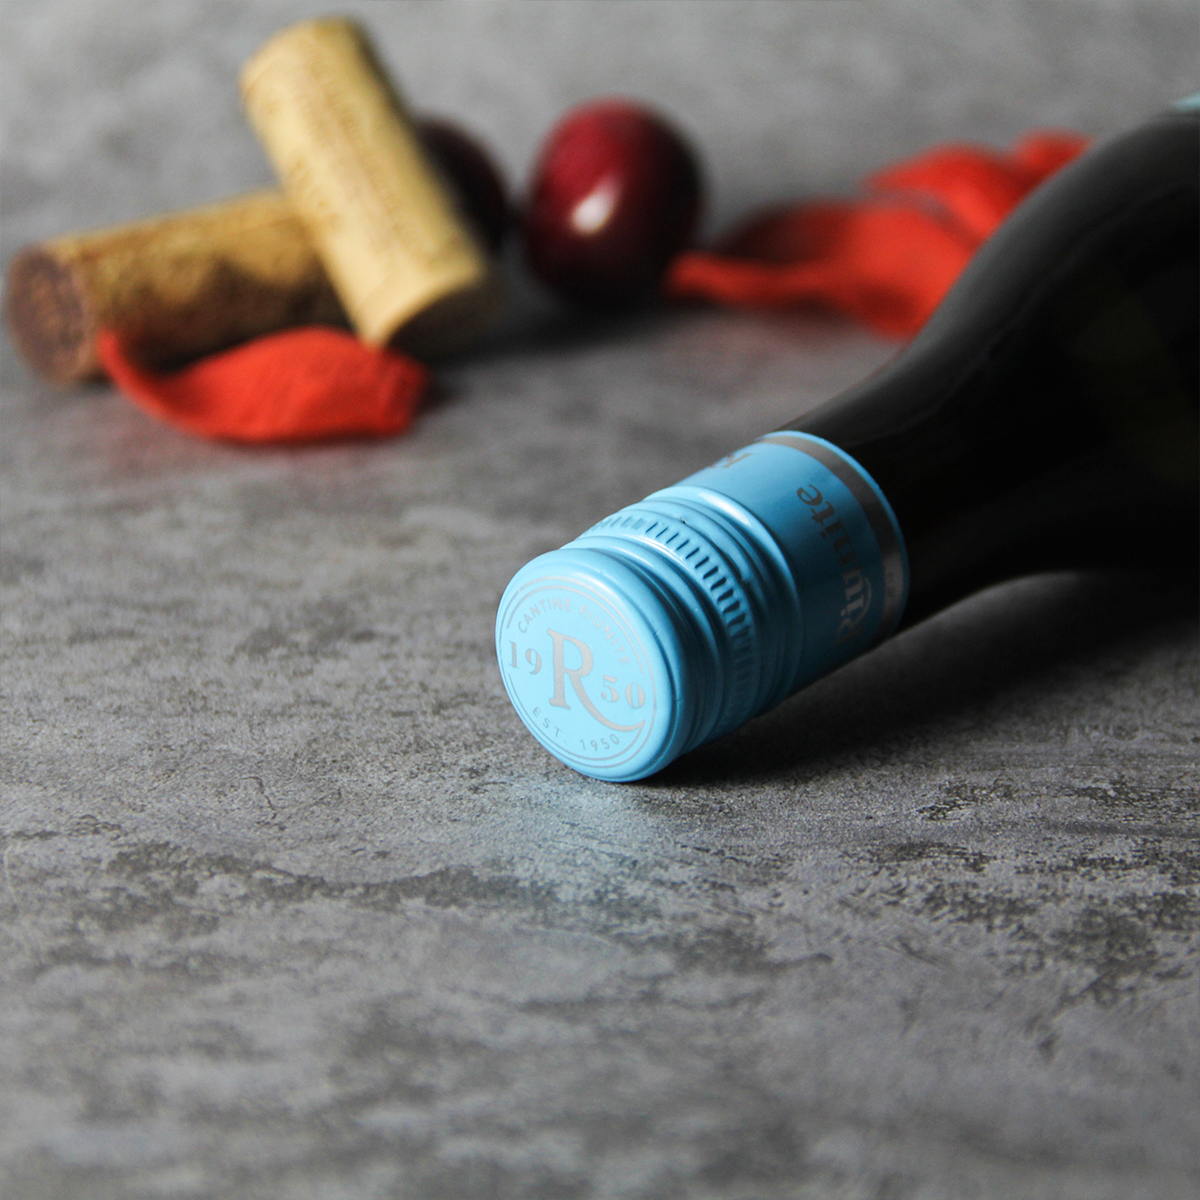 意大利艾米利亚优尼特 莫斯卡多甜低泡葡萄酒